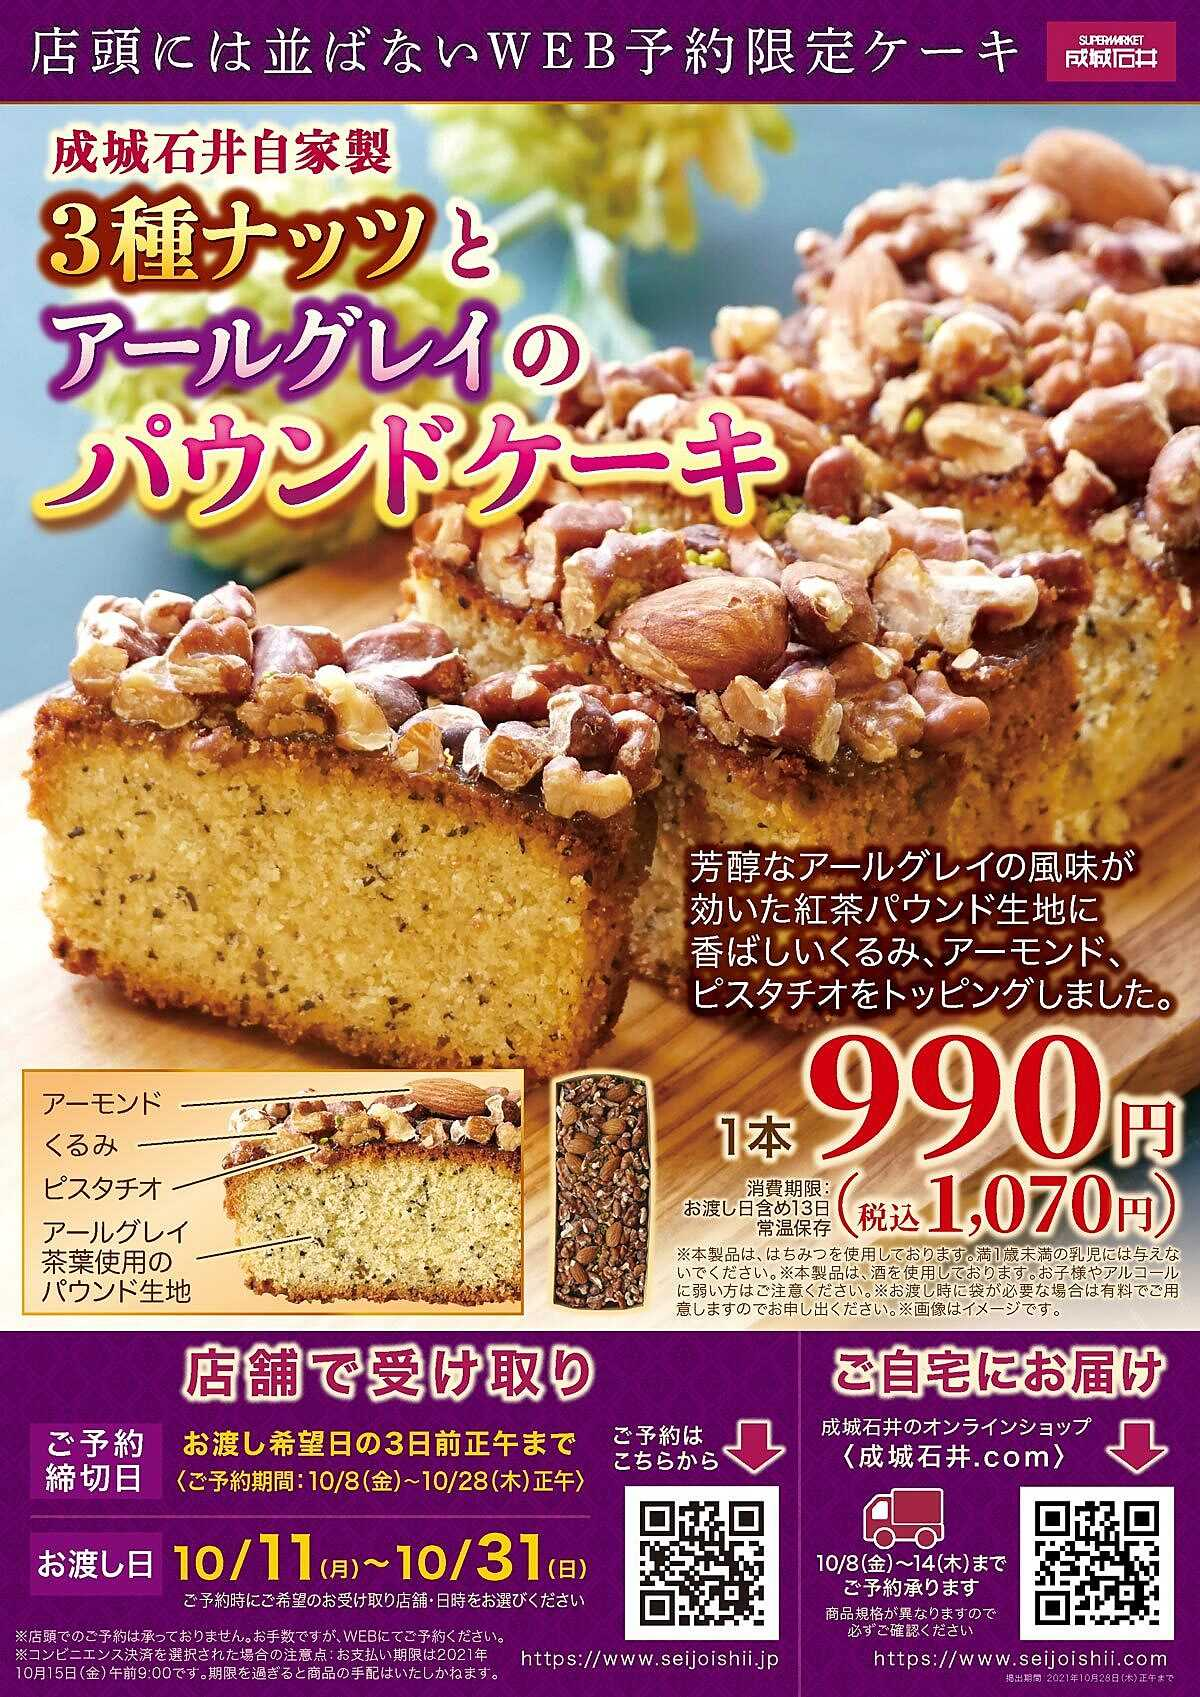 成城石井 ご予約限定★3種ナッツとアールグレイのパウンドケーキ